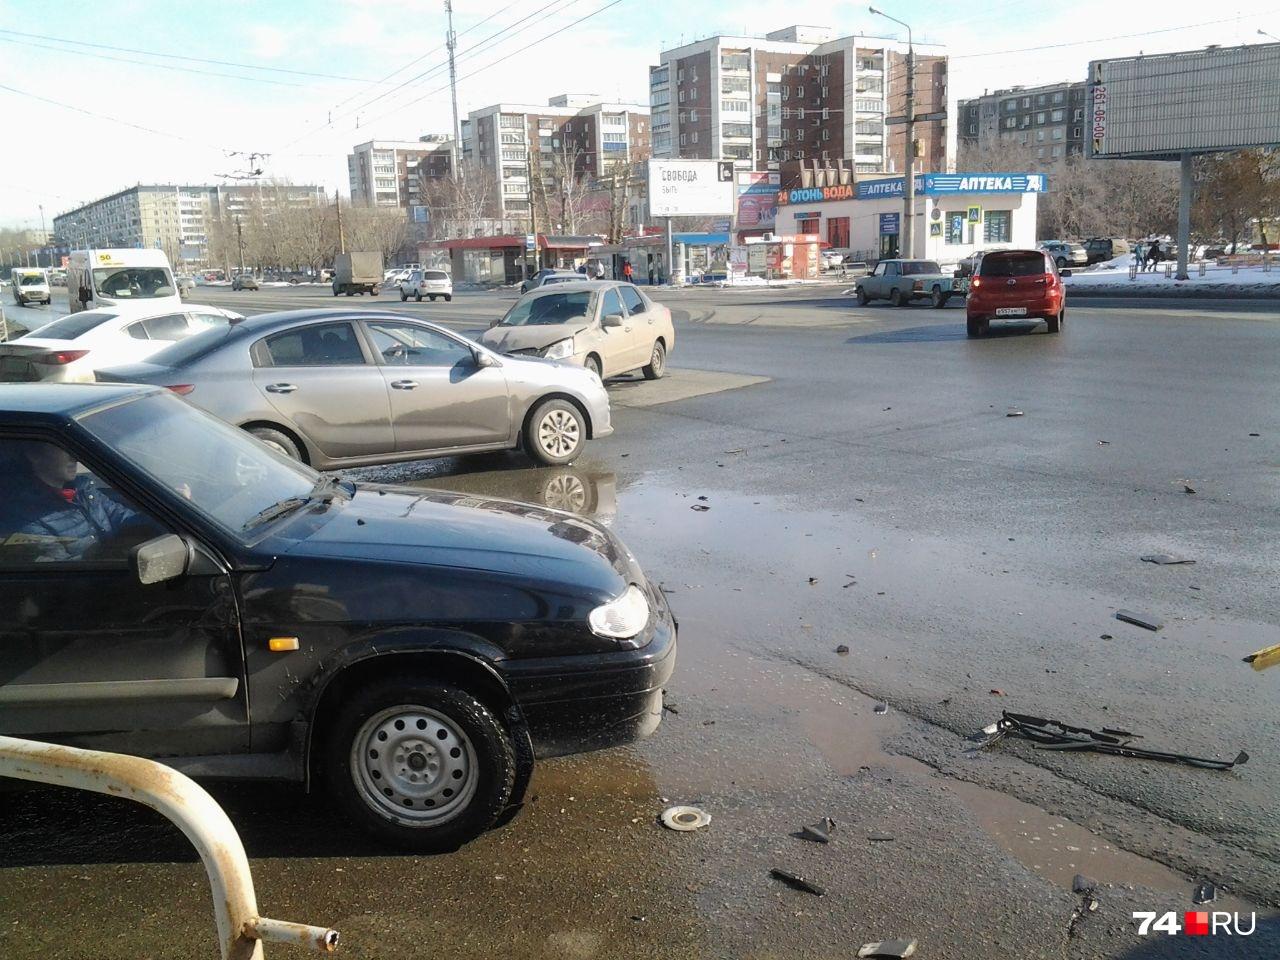 Datsun до сих пор стоит на «аварийке» на оживлённом перекрёстке